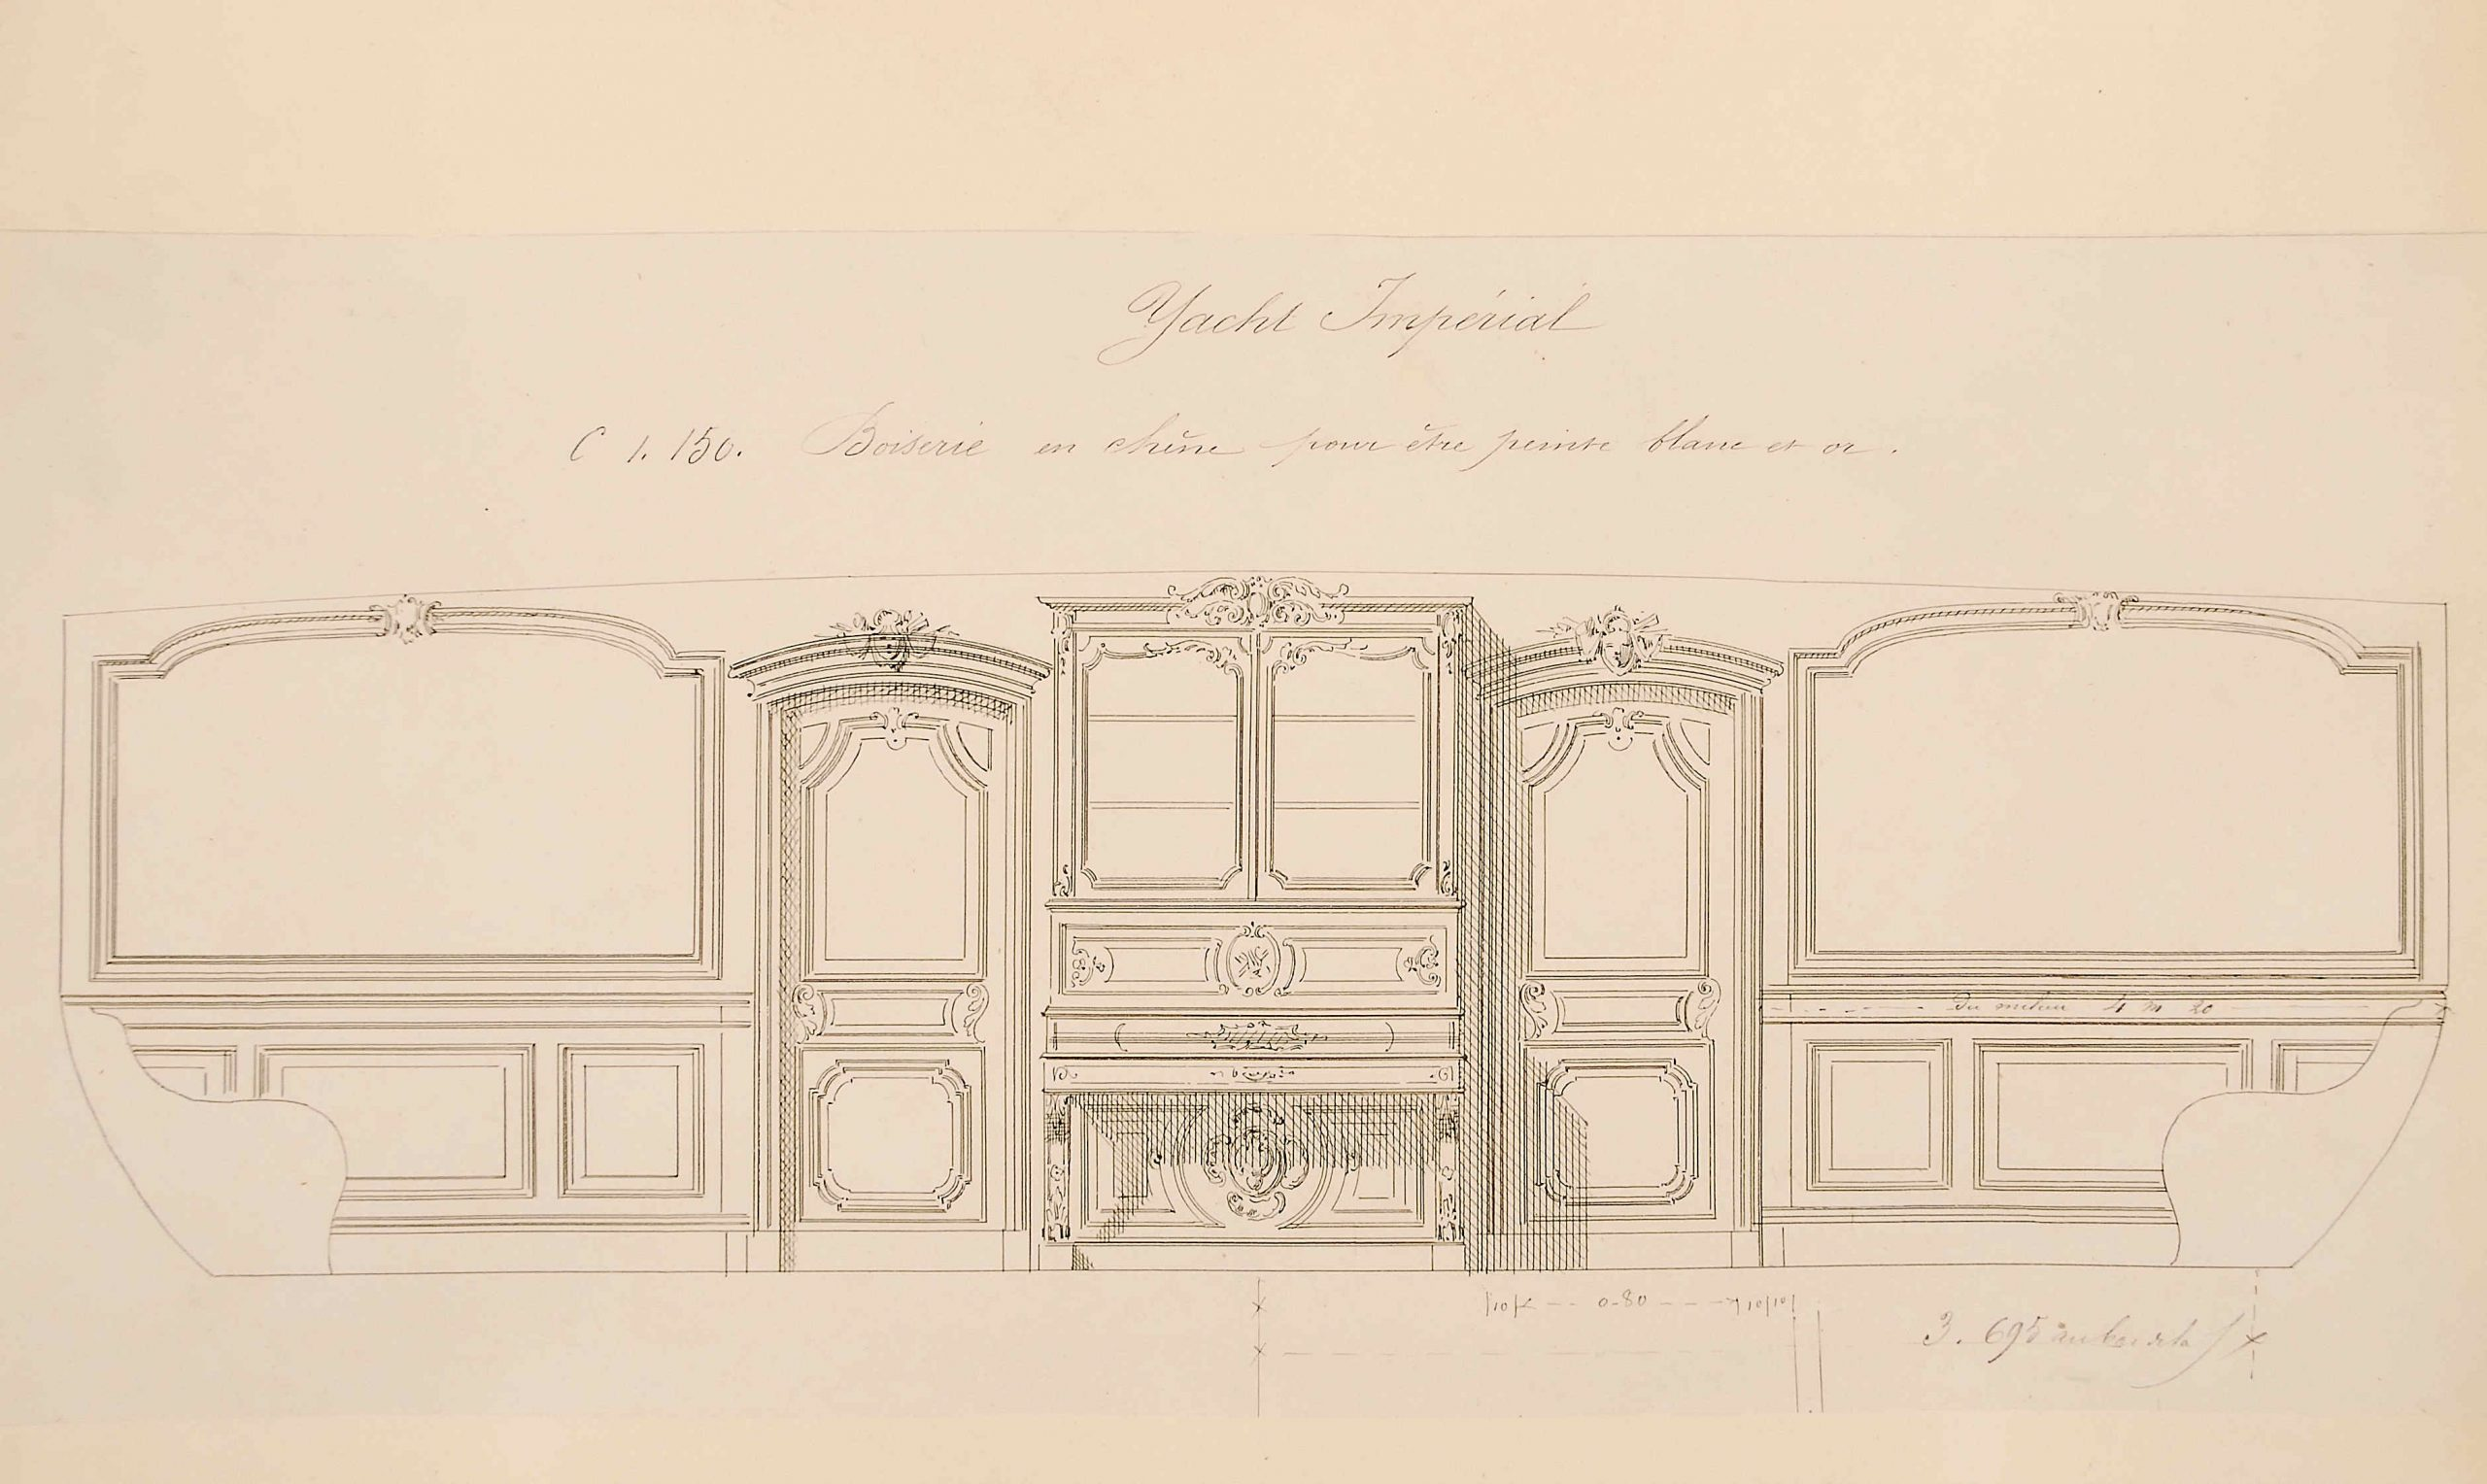 Fourdinois et le mobilier Second Empire Bibliothèque Forney Paris